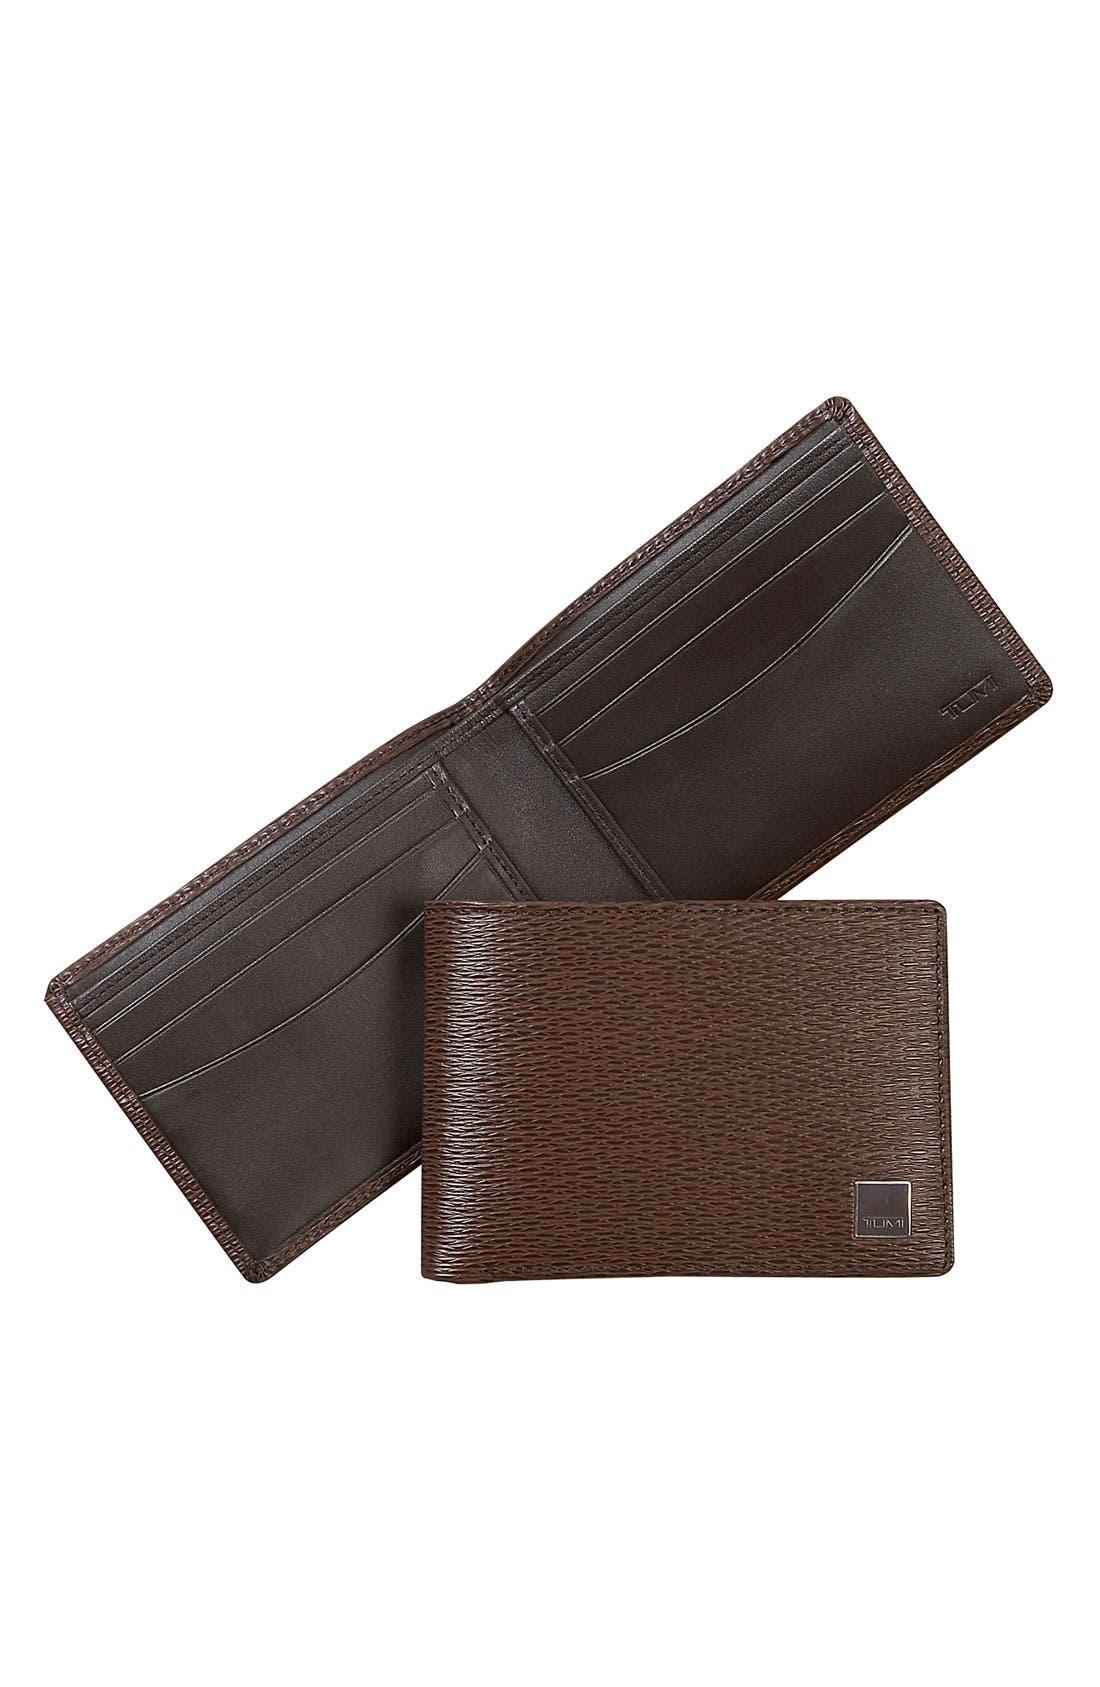 Main Image - Tumi 'Monaco' Slim Single Billfold Wallet